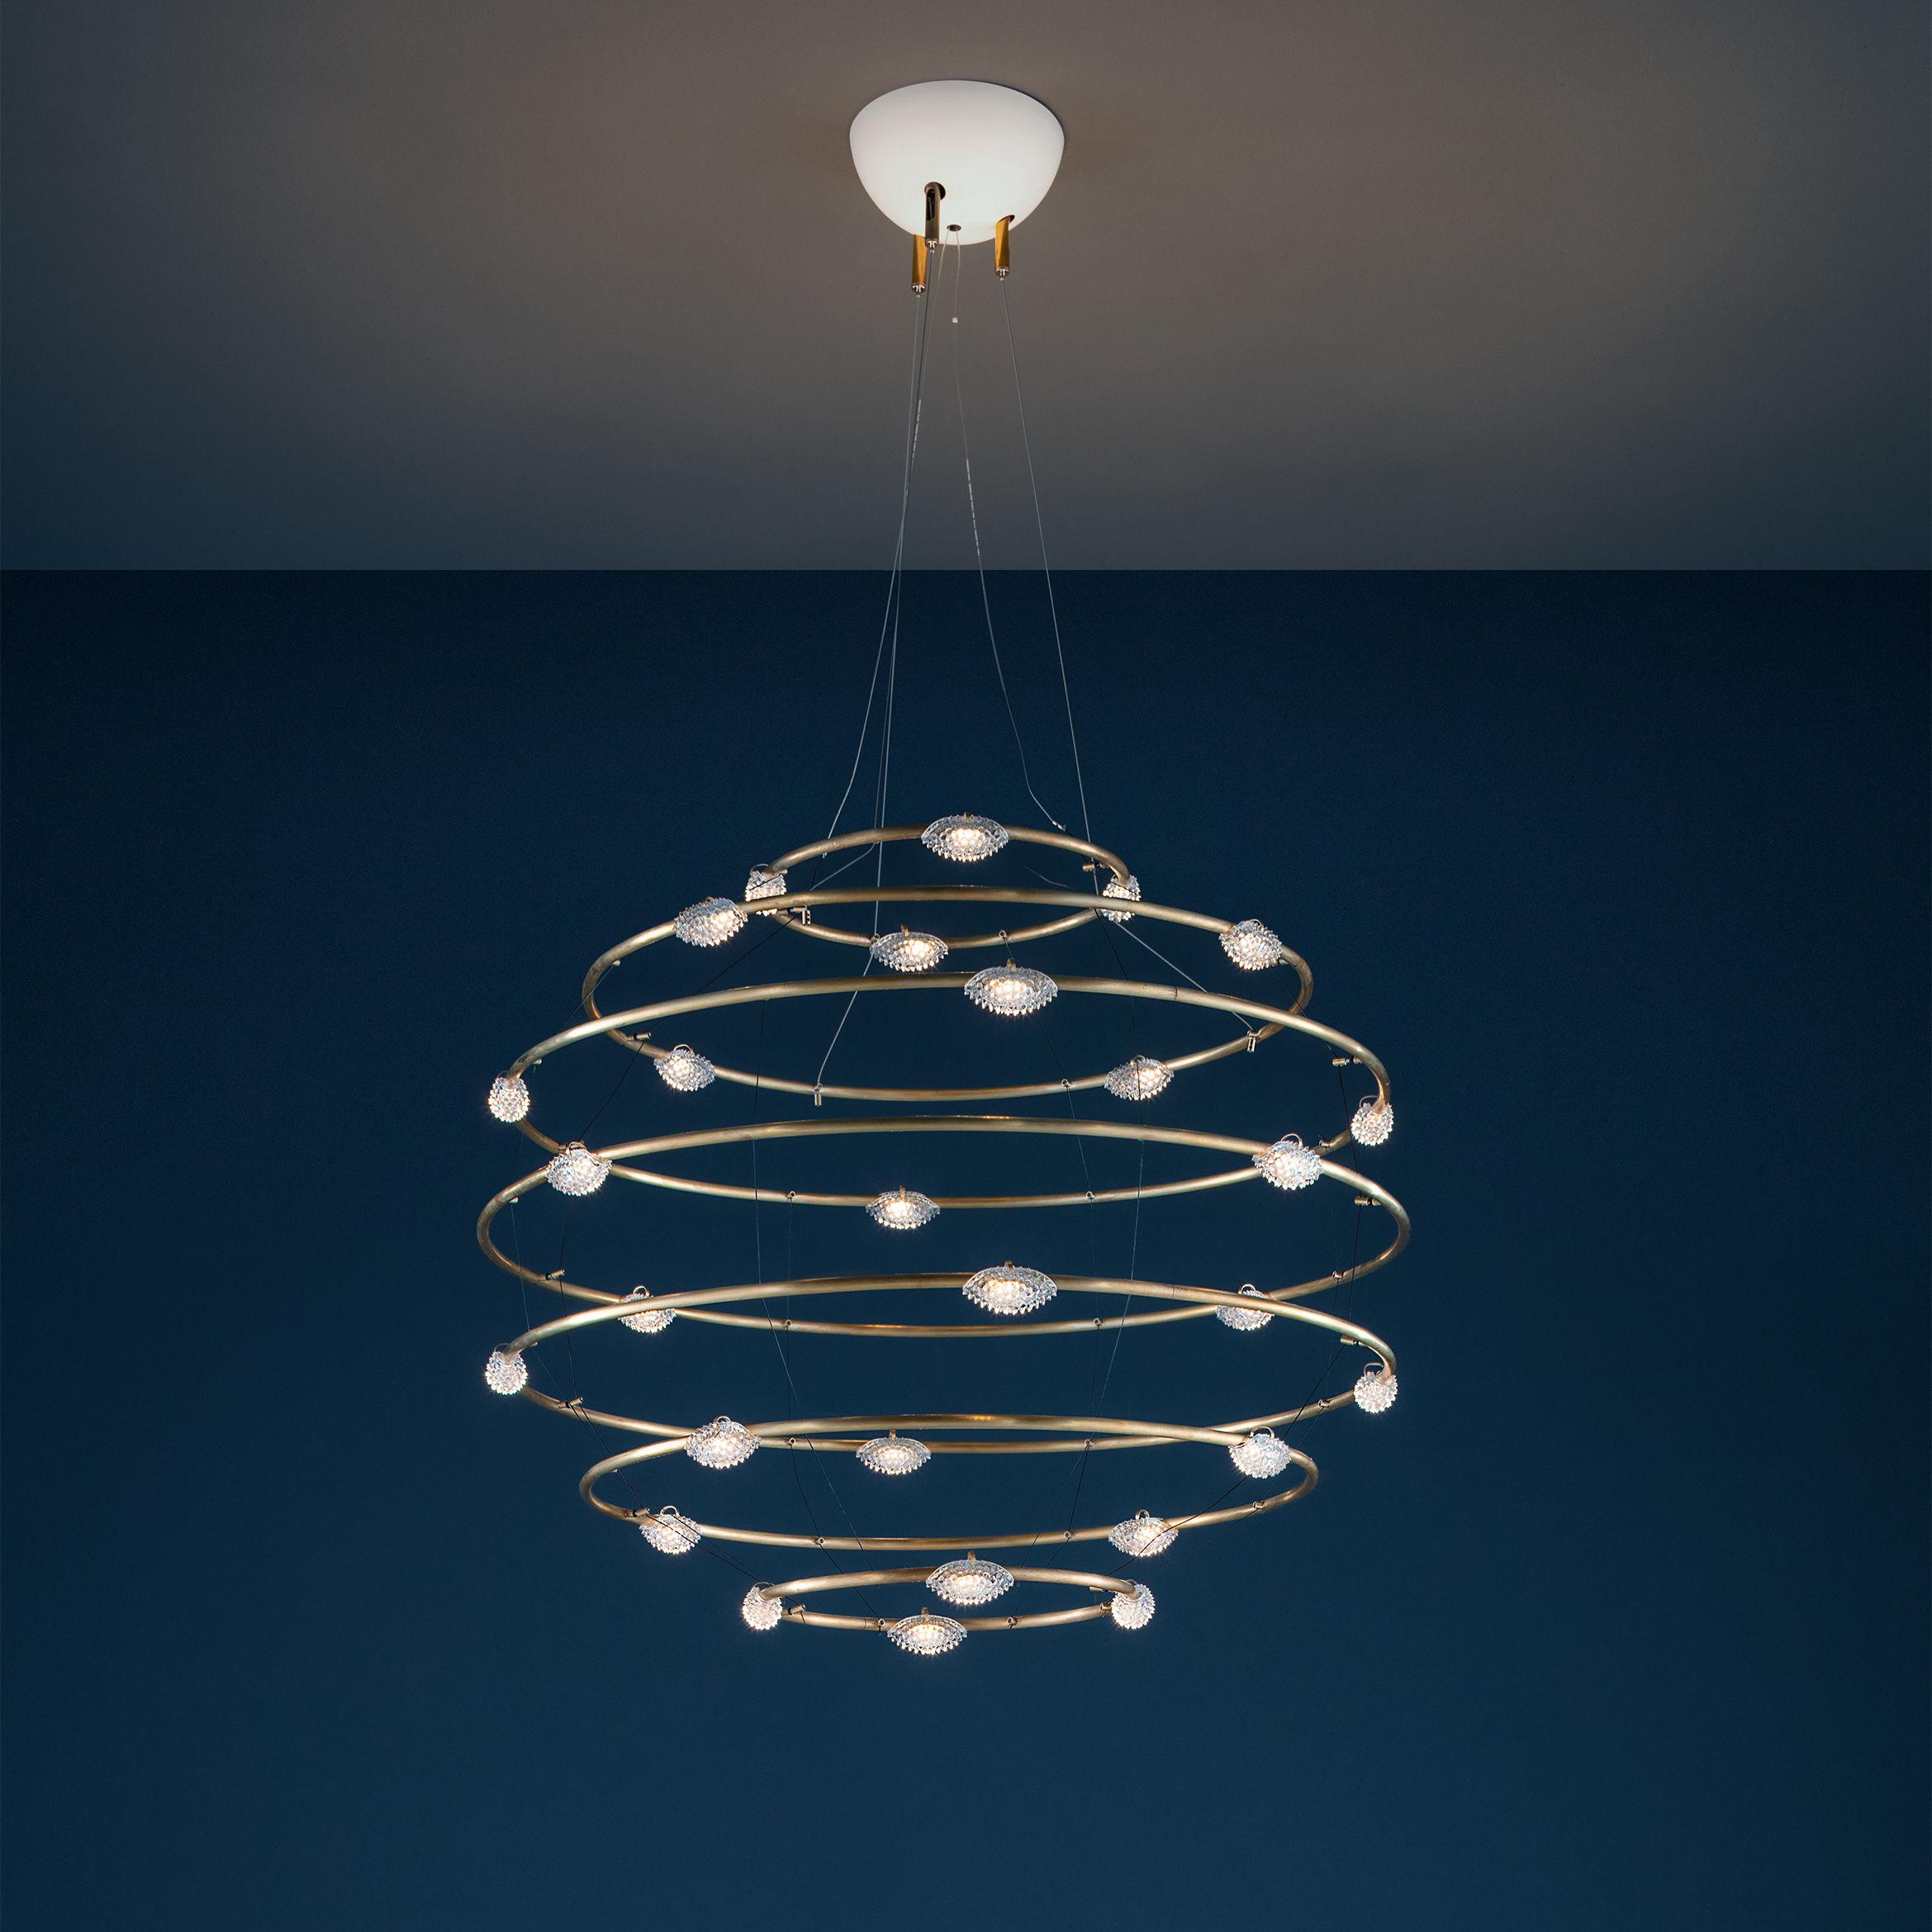 Illuminazione - Lampadari - Sospensione Petits Bijoux 28 - / LED - Ø 75 cm di Catellani & Smith - Ø 75 cm / Ottone - Ottone, Vetro